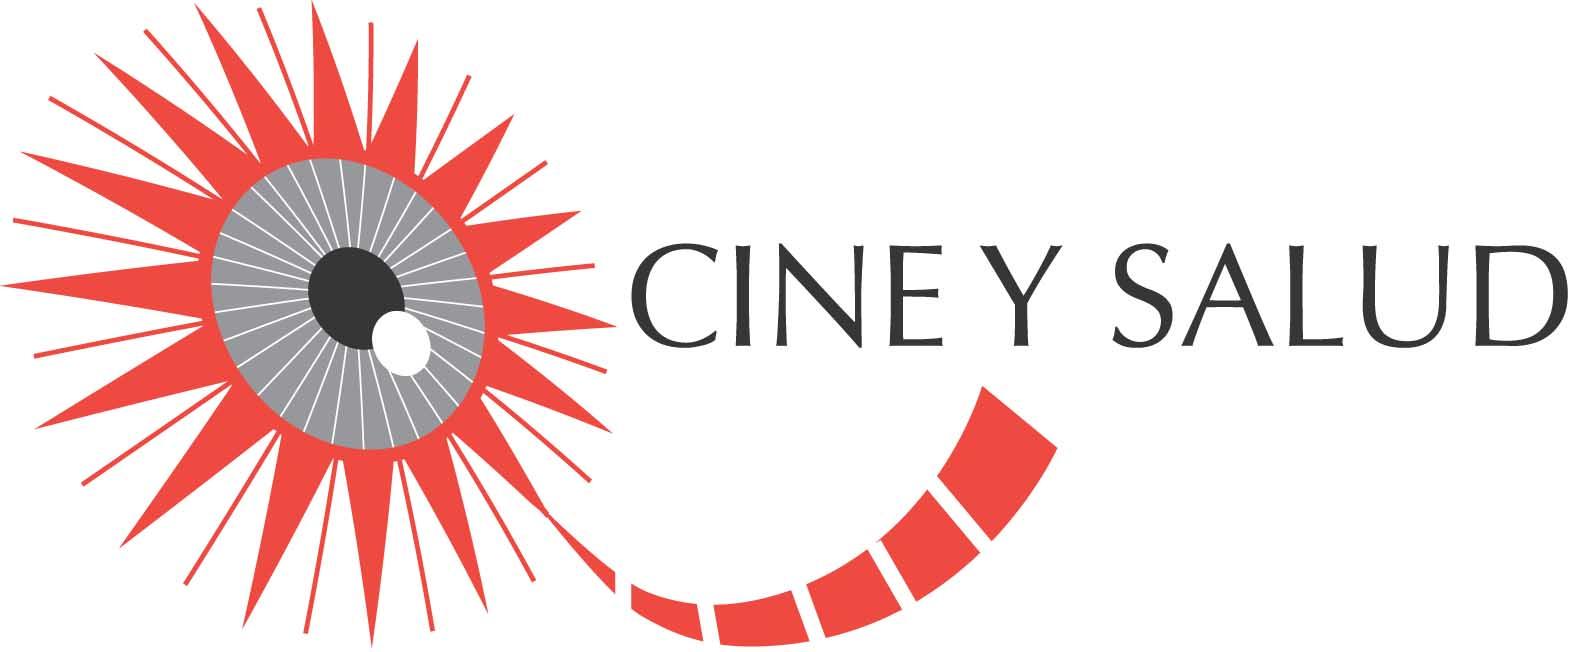 #cineysalud2020